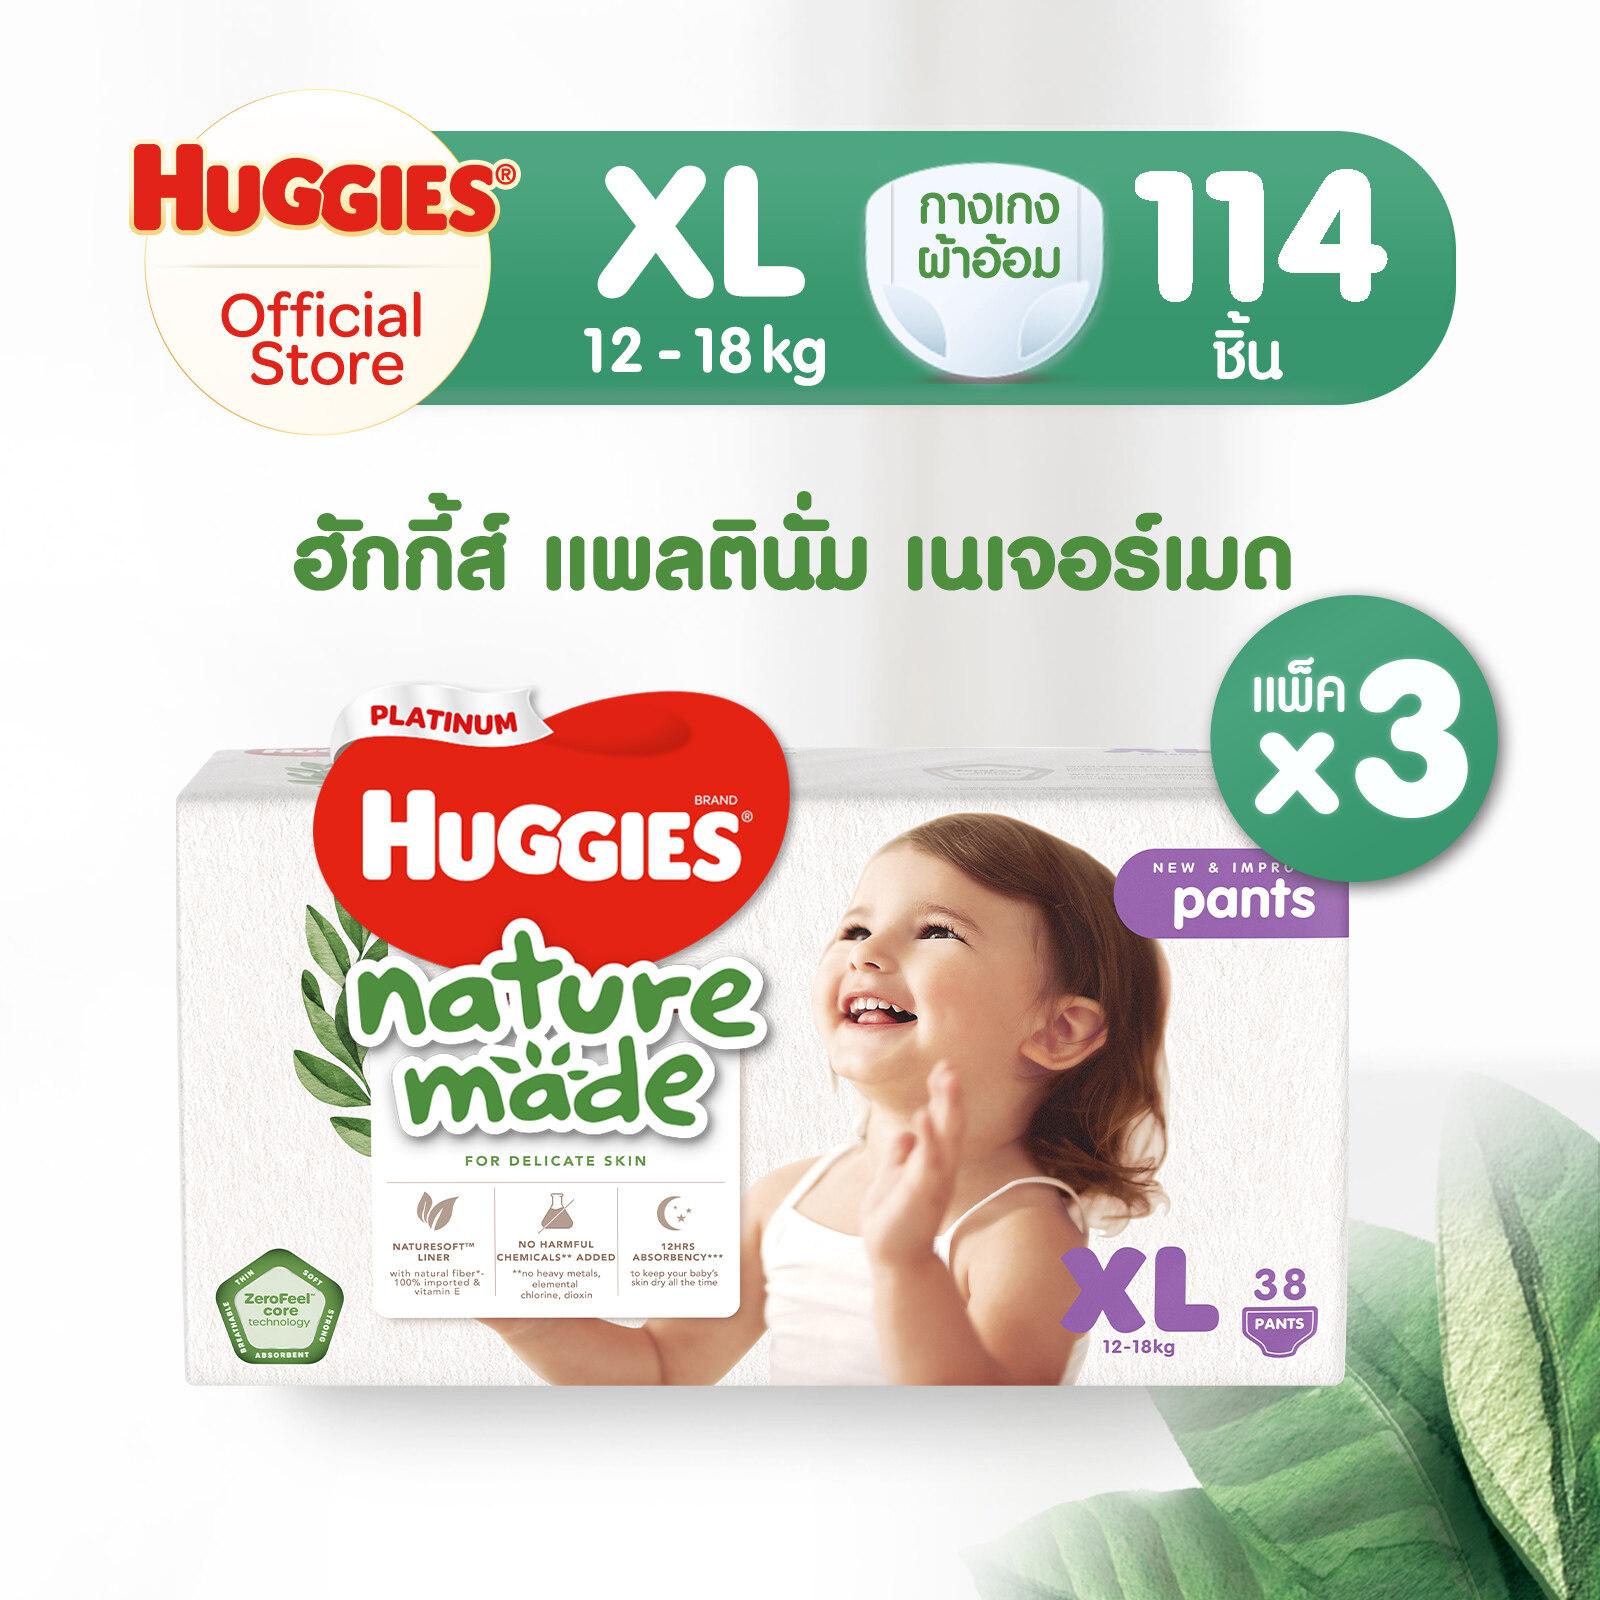 ยกลัง! [ใหม่] Huggies Naturemade Pants Diapers ฮักกี้ส์ ผ้าอ้อมเด็ก ผ้าอ้อมแบบกางเกง เนเจอร์เมด กางเกงผ้าอ้อม ไซส์ L-XXL (3แพ็ค)